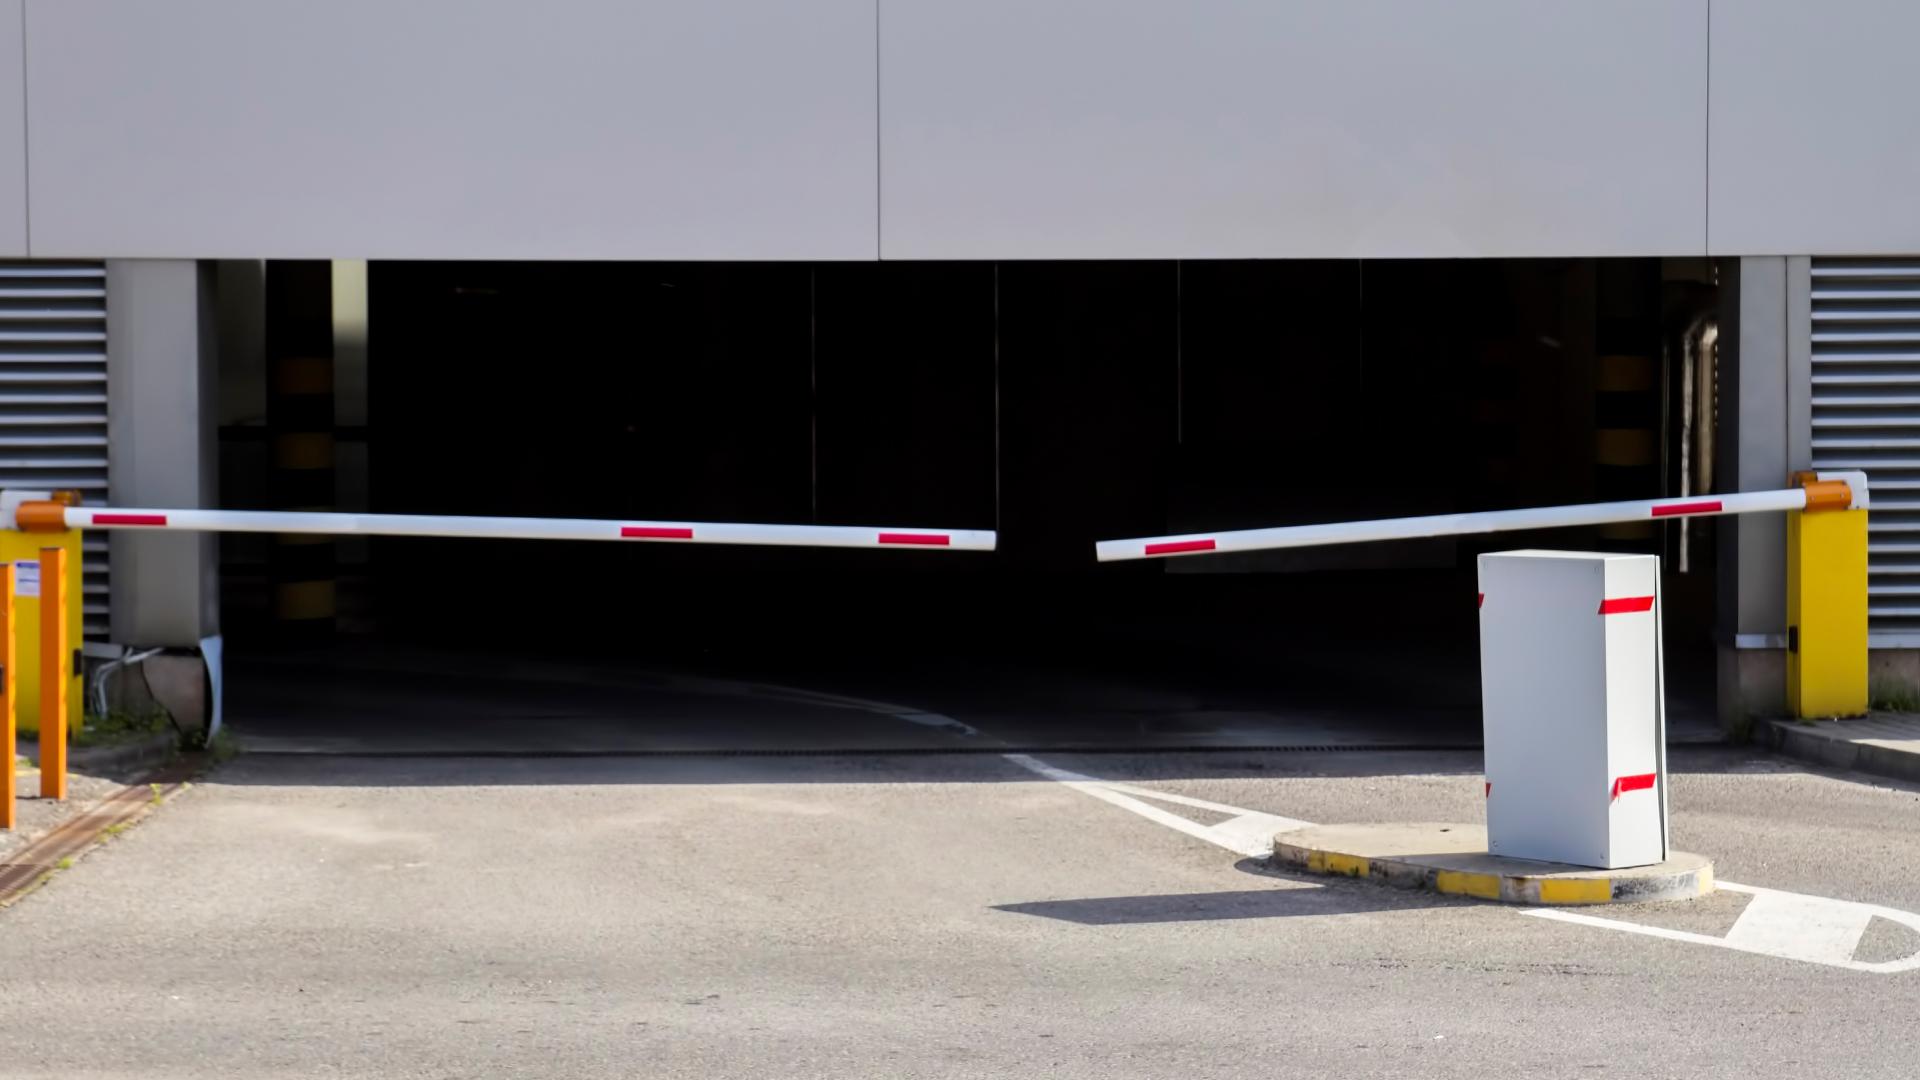 ремонтом картинки входов в паркинге посмотрели, говорят